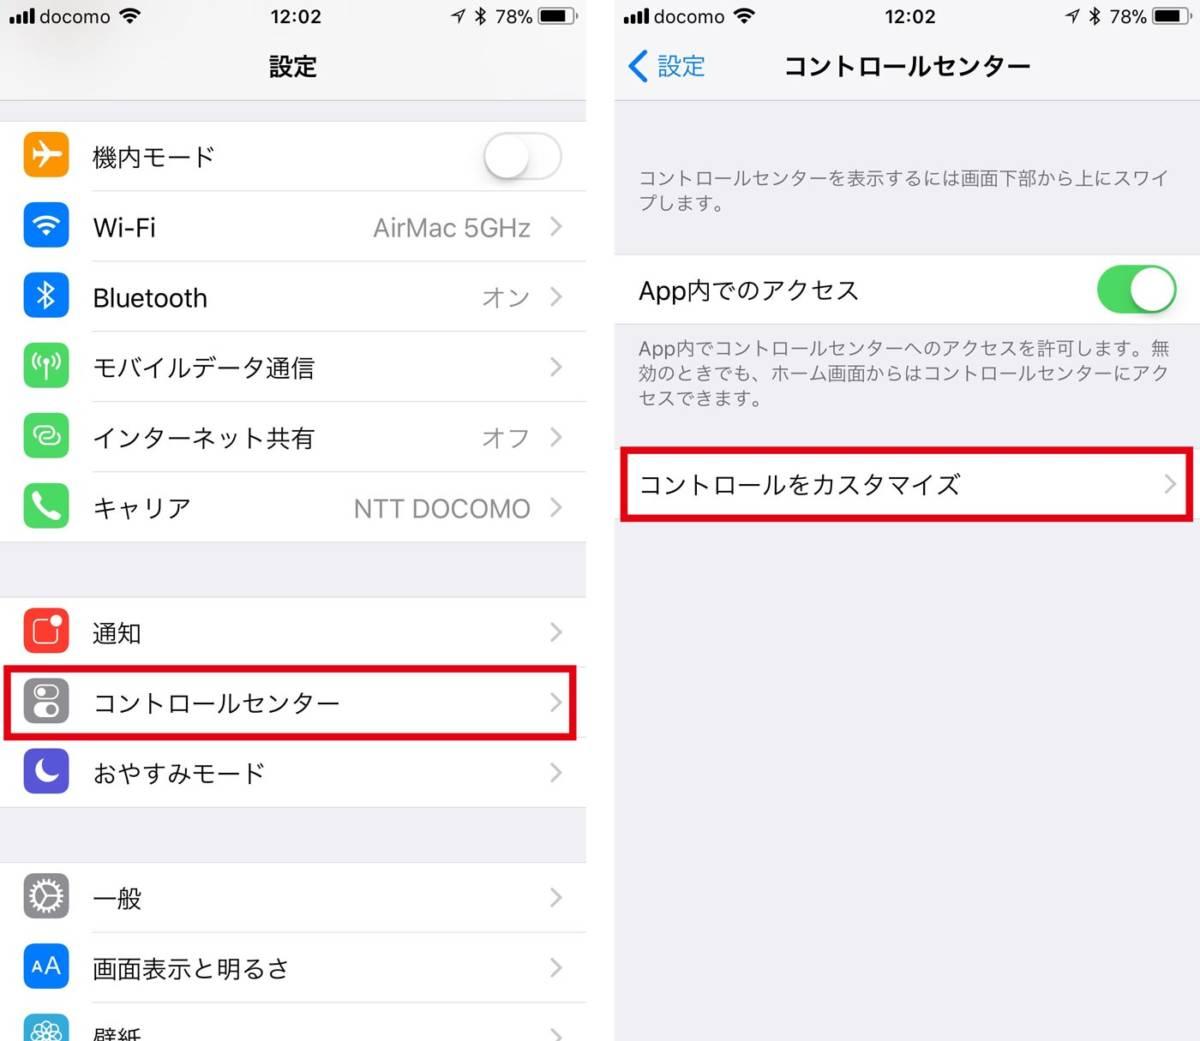 iOS11 コントロールセンターのカスタマイズ